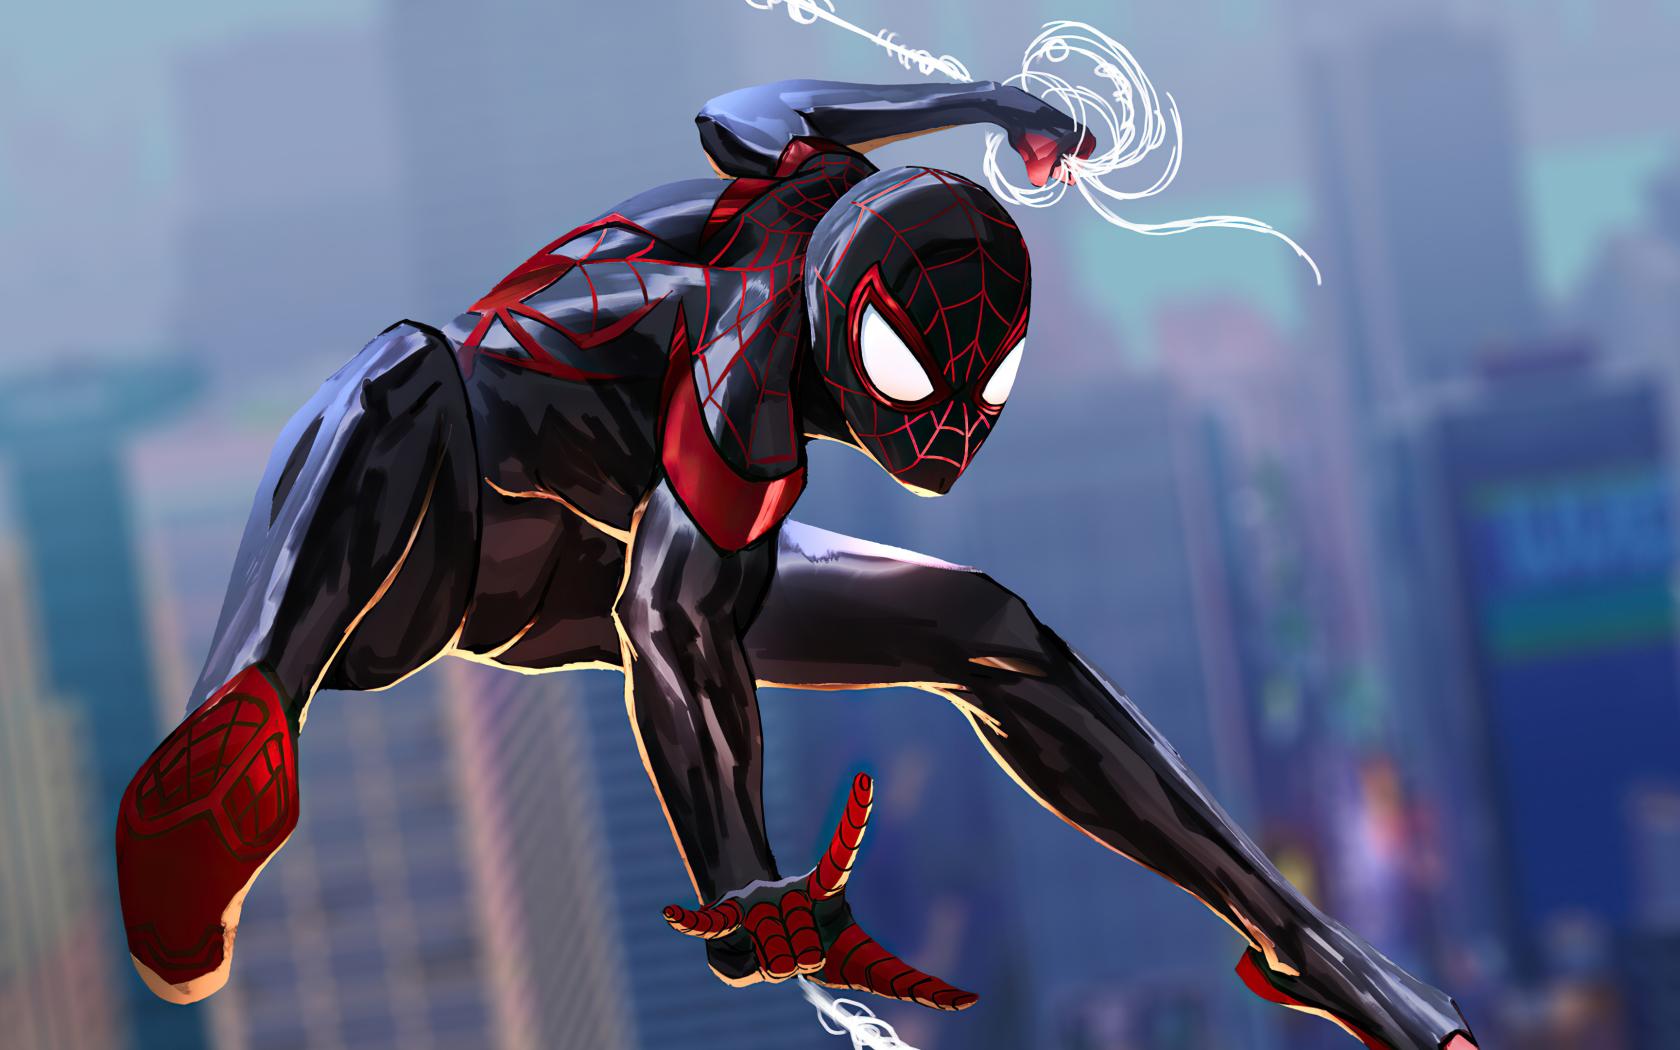 1680x1050 Spider-Man 2 Into The Spider-Verse Art 1680x1050 ...